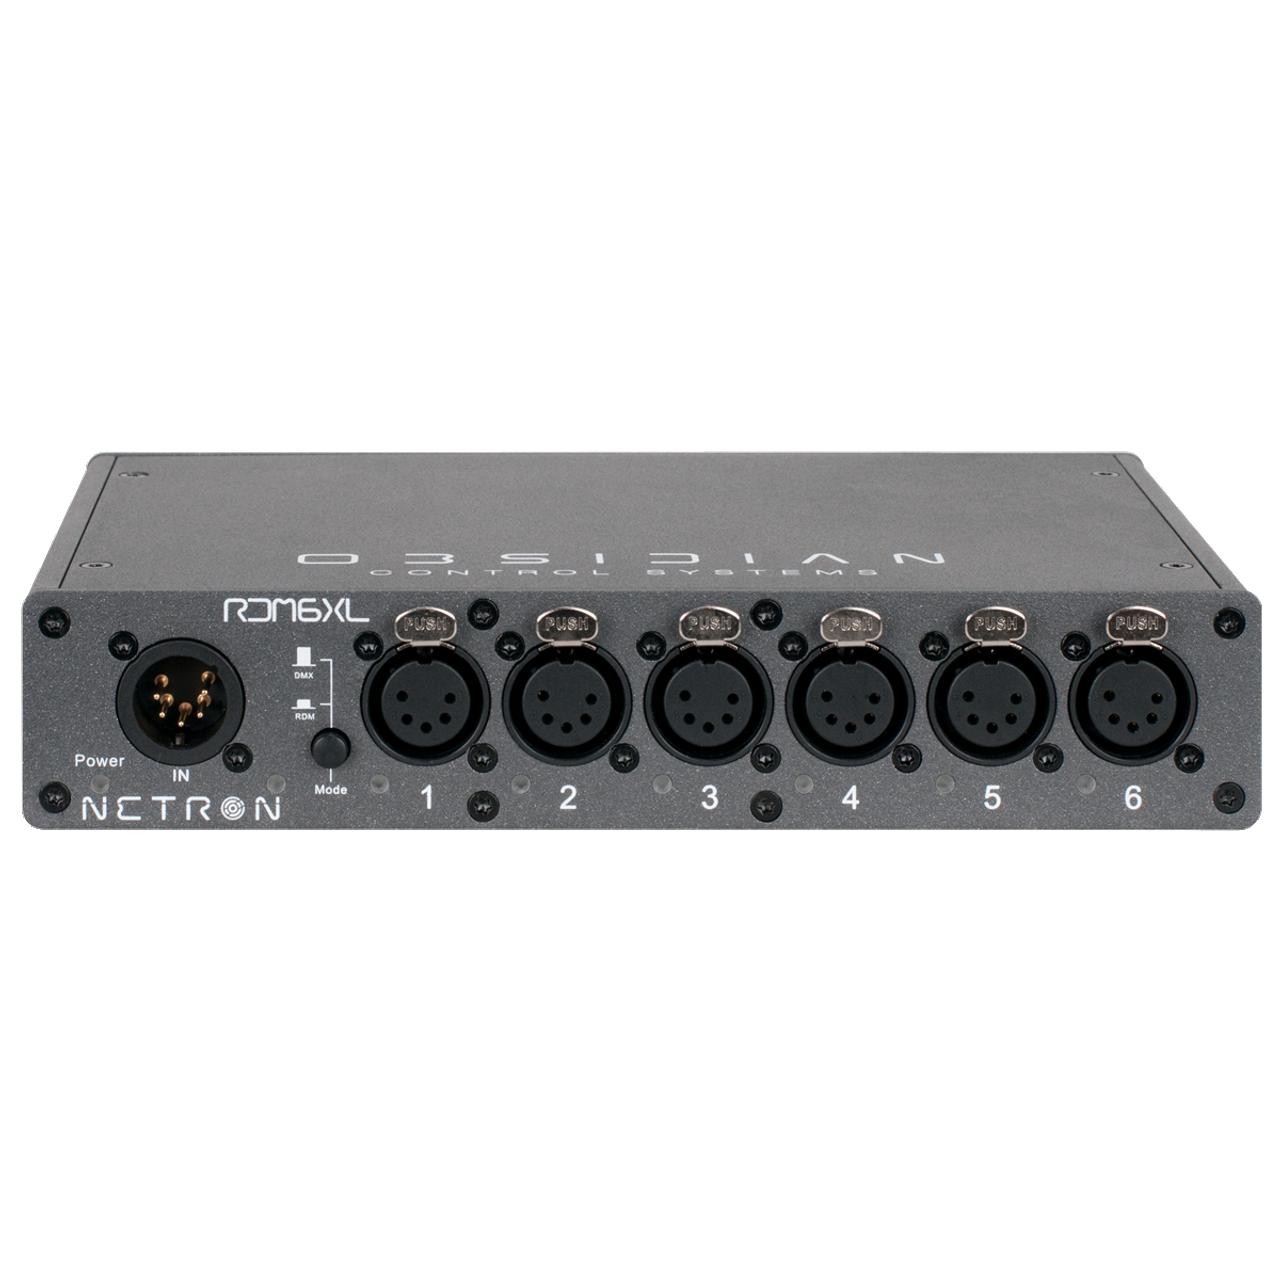 Obsidian Control Systems Netron RDM 6XL